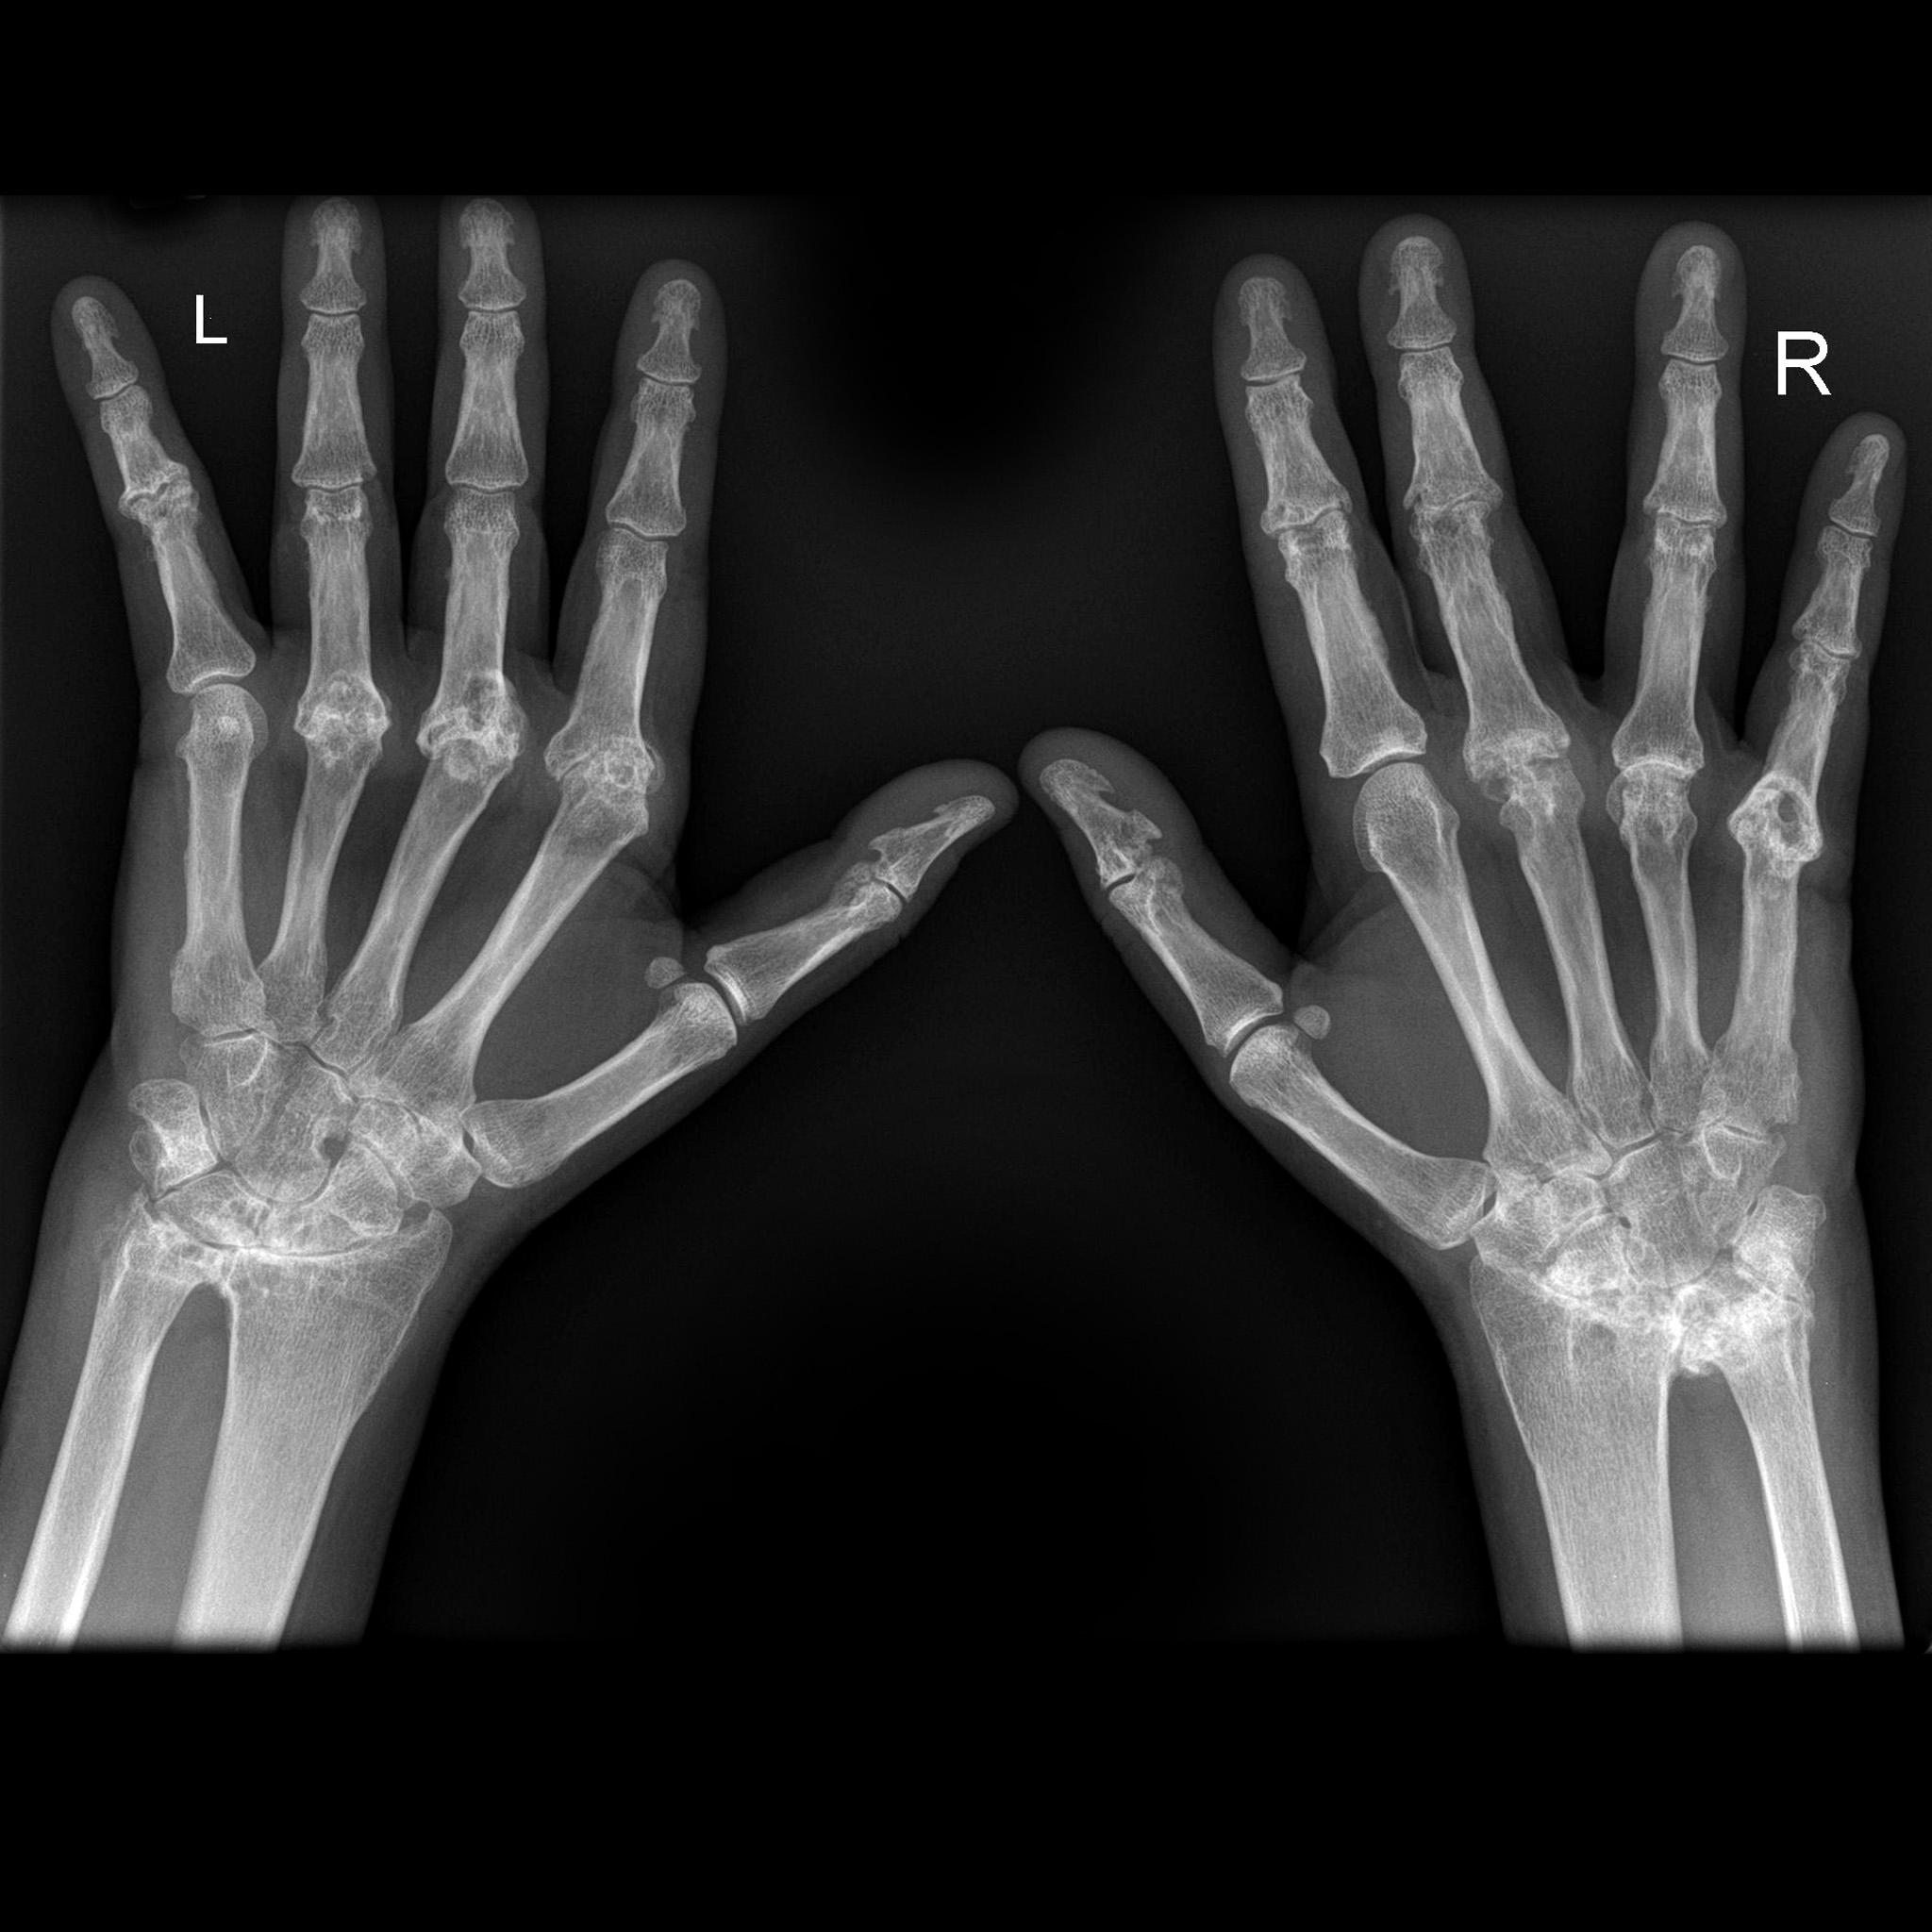 استخدام الأشعة السينية لتشخيص المرض